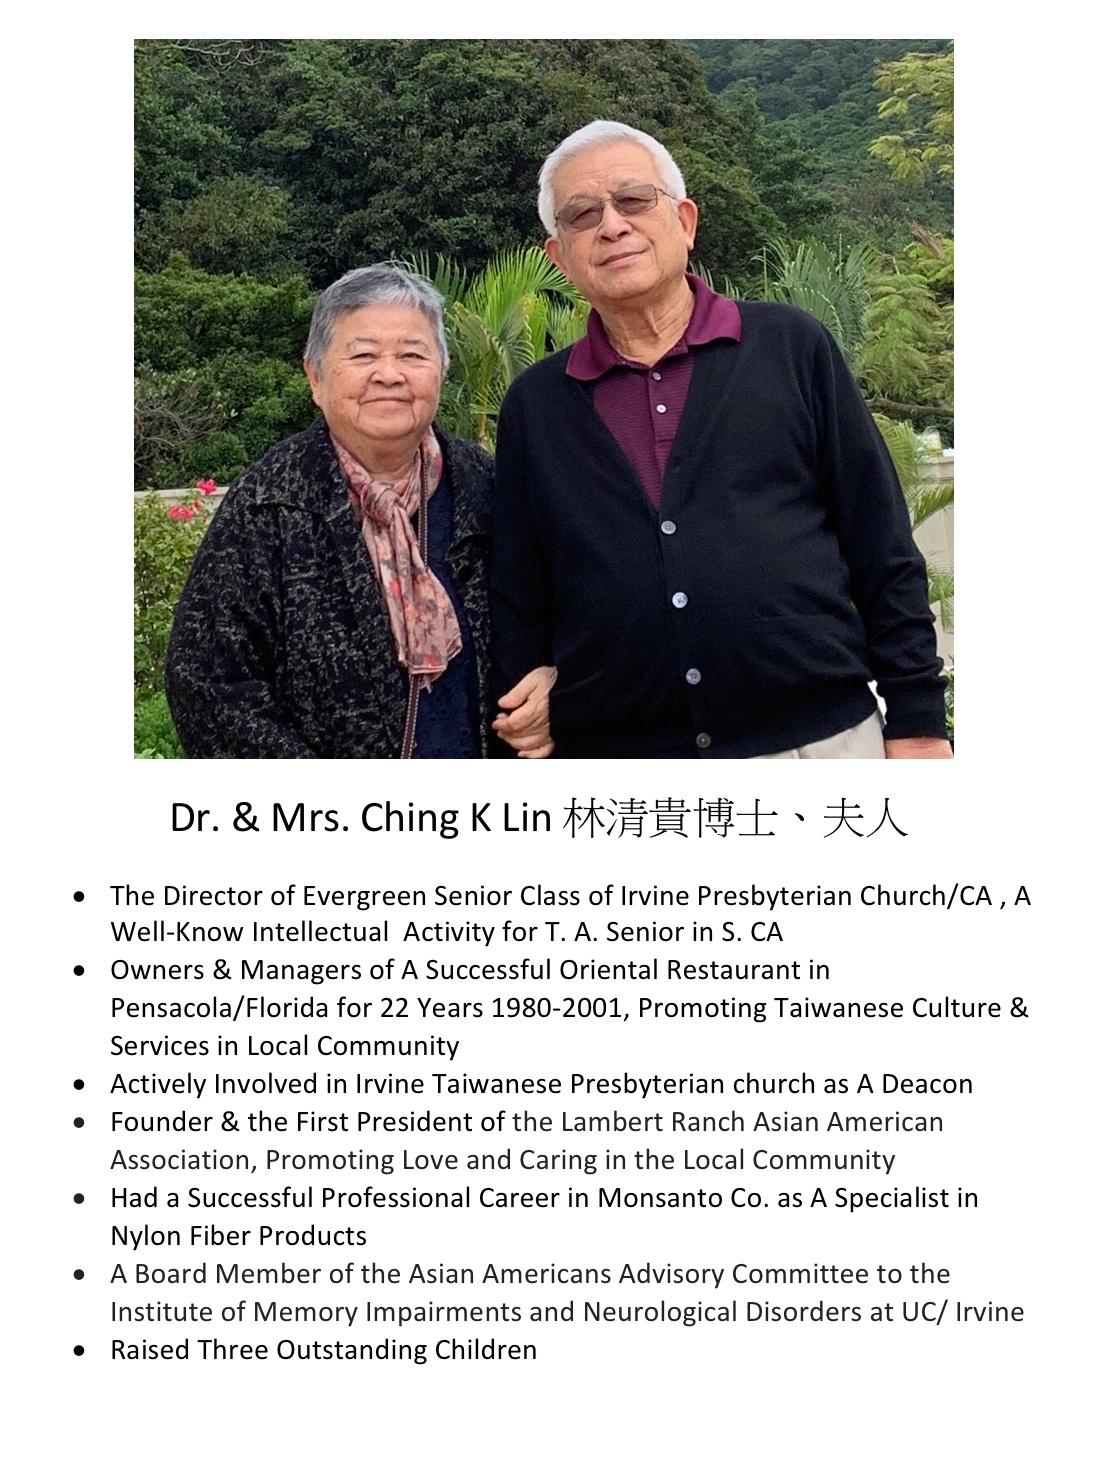 248. Dr. & Mrs. Ching K Lin 林清貴博士、夫人